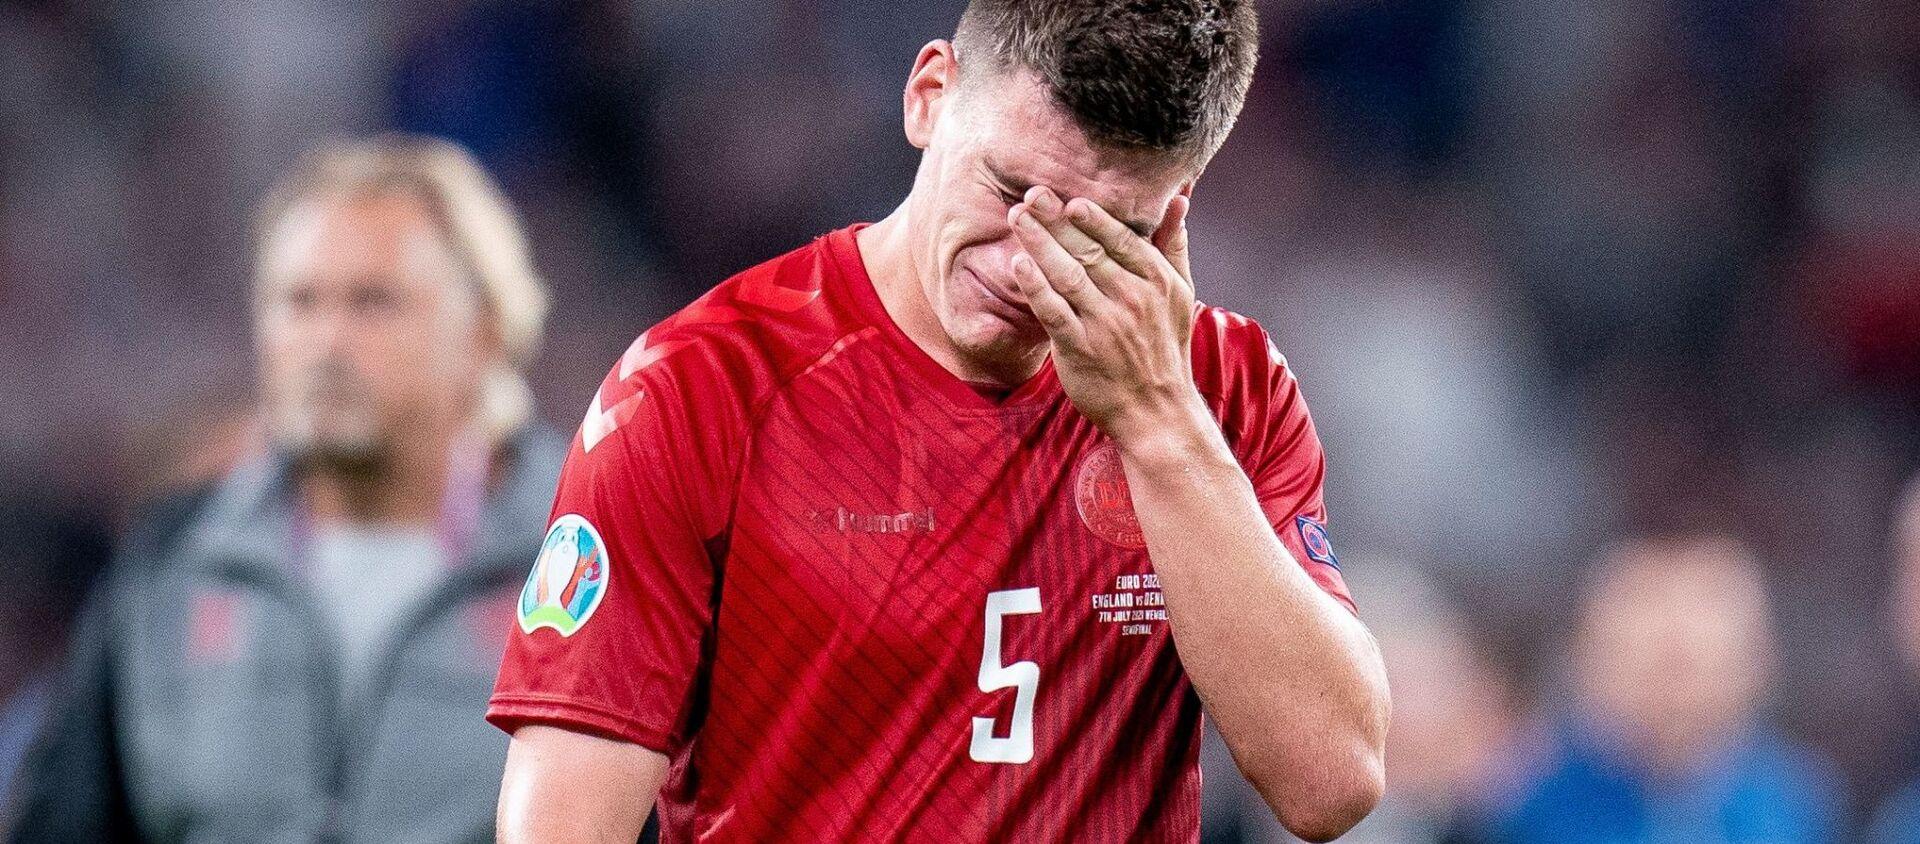 Cầu thủ Đan Mạch sau trận thua bán kết Euro 2020 - Sputnik Việt Nam, 1920, 08.07.2021